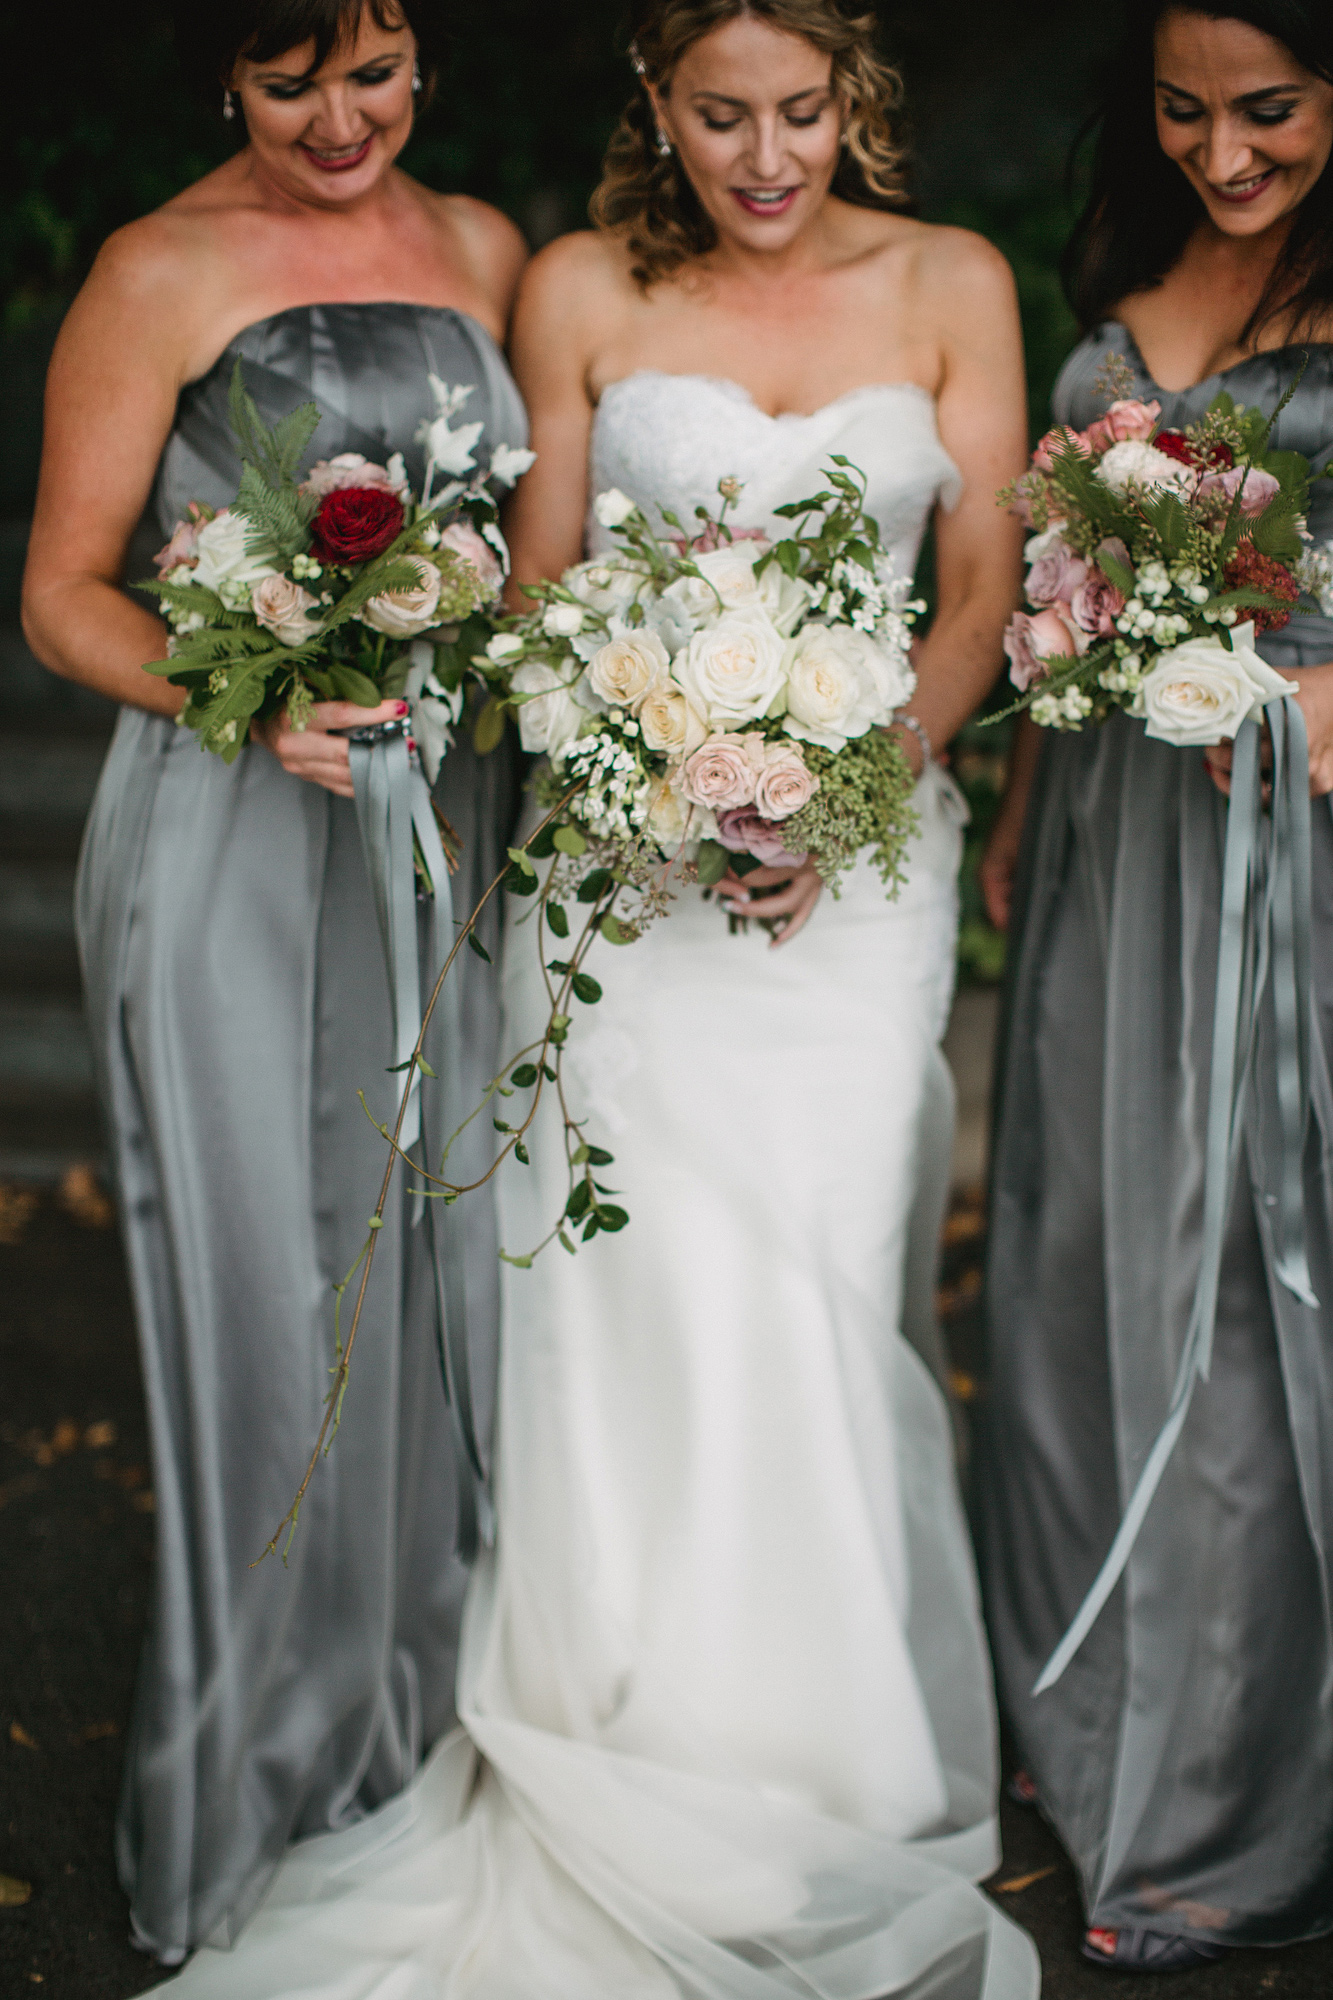 Ceci_New_York_Custom_Invitation_Australia_Perth_Destination_Wedding_Luxury_Personalized_Ceci_Style_Bride_17.jpg